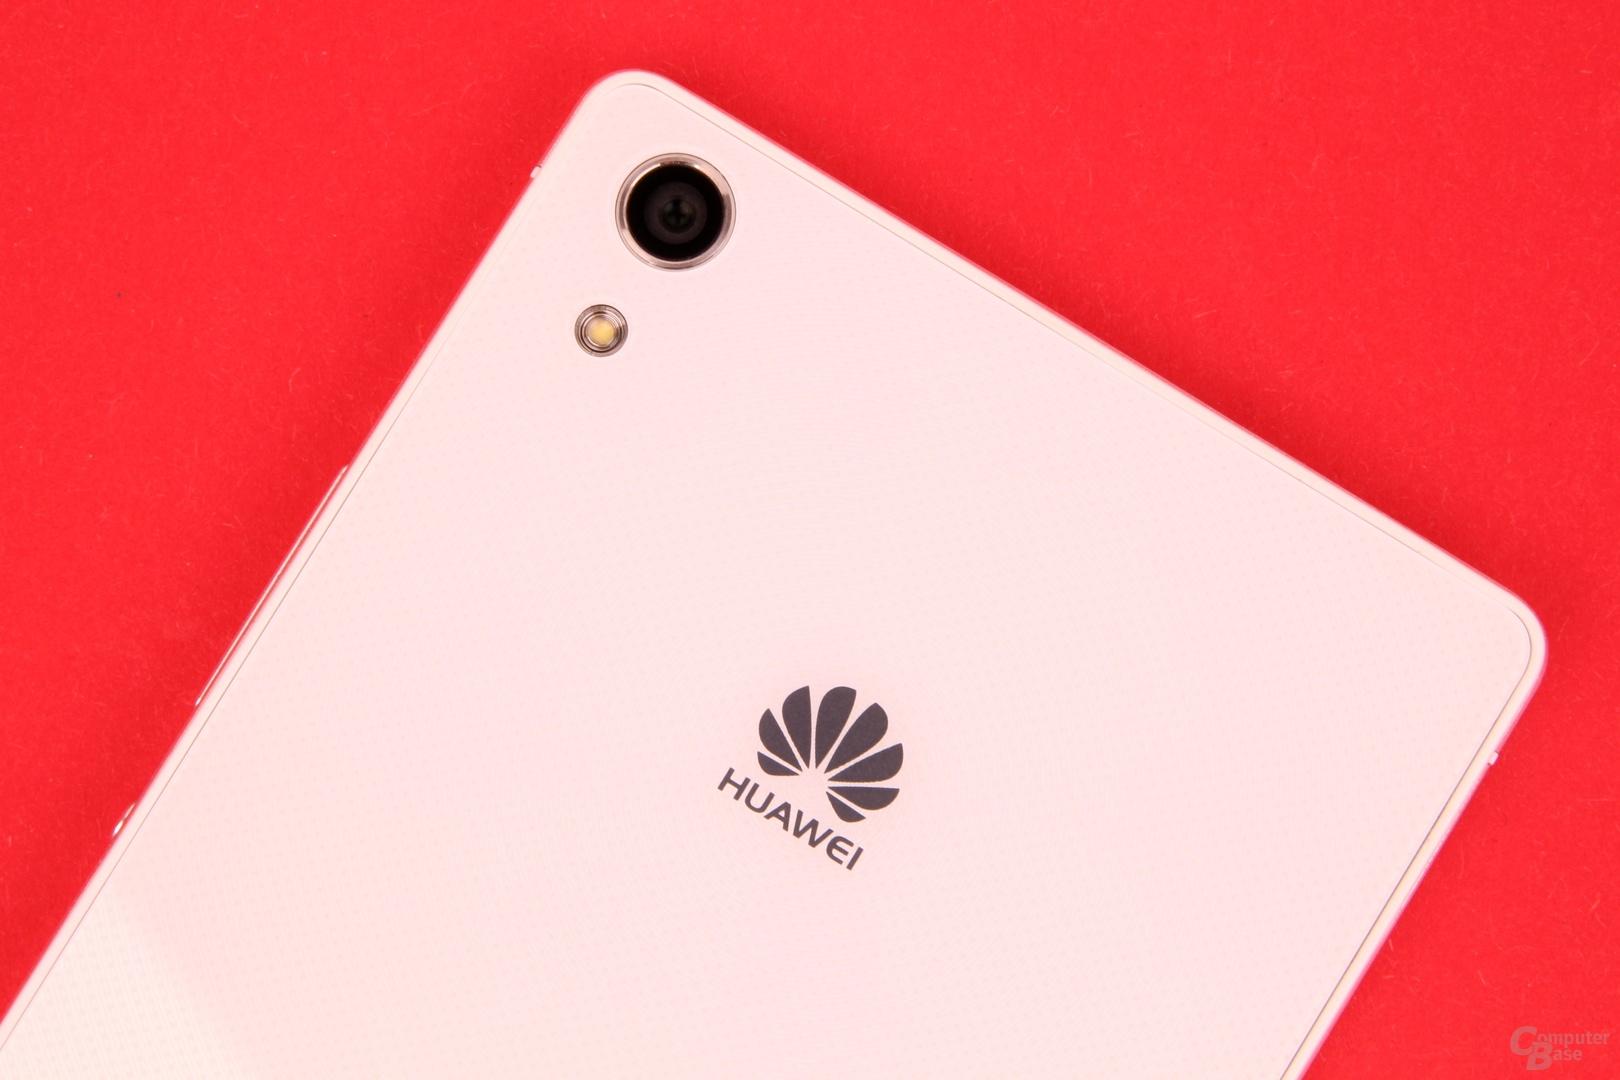 Huawei Ascend P7: Gelungener Auftritt in der 400-Euro-Klasse